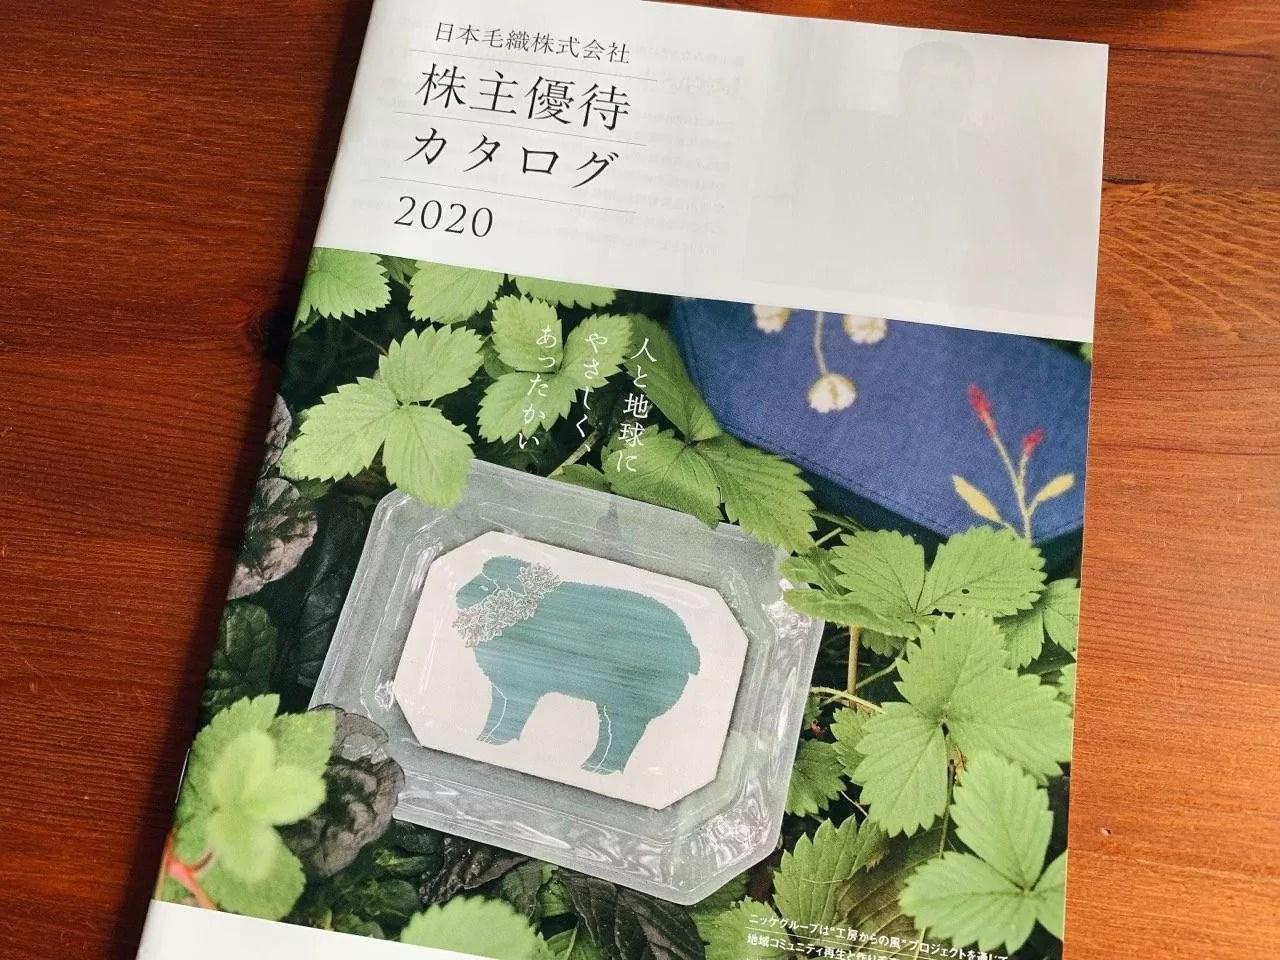 ニッケの株主優待カタログ